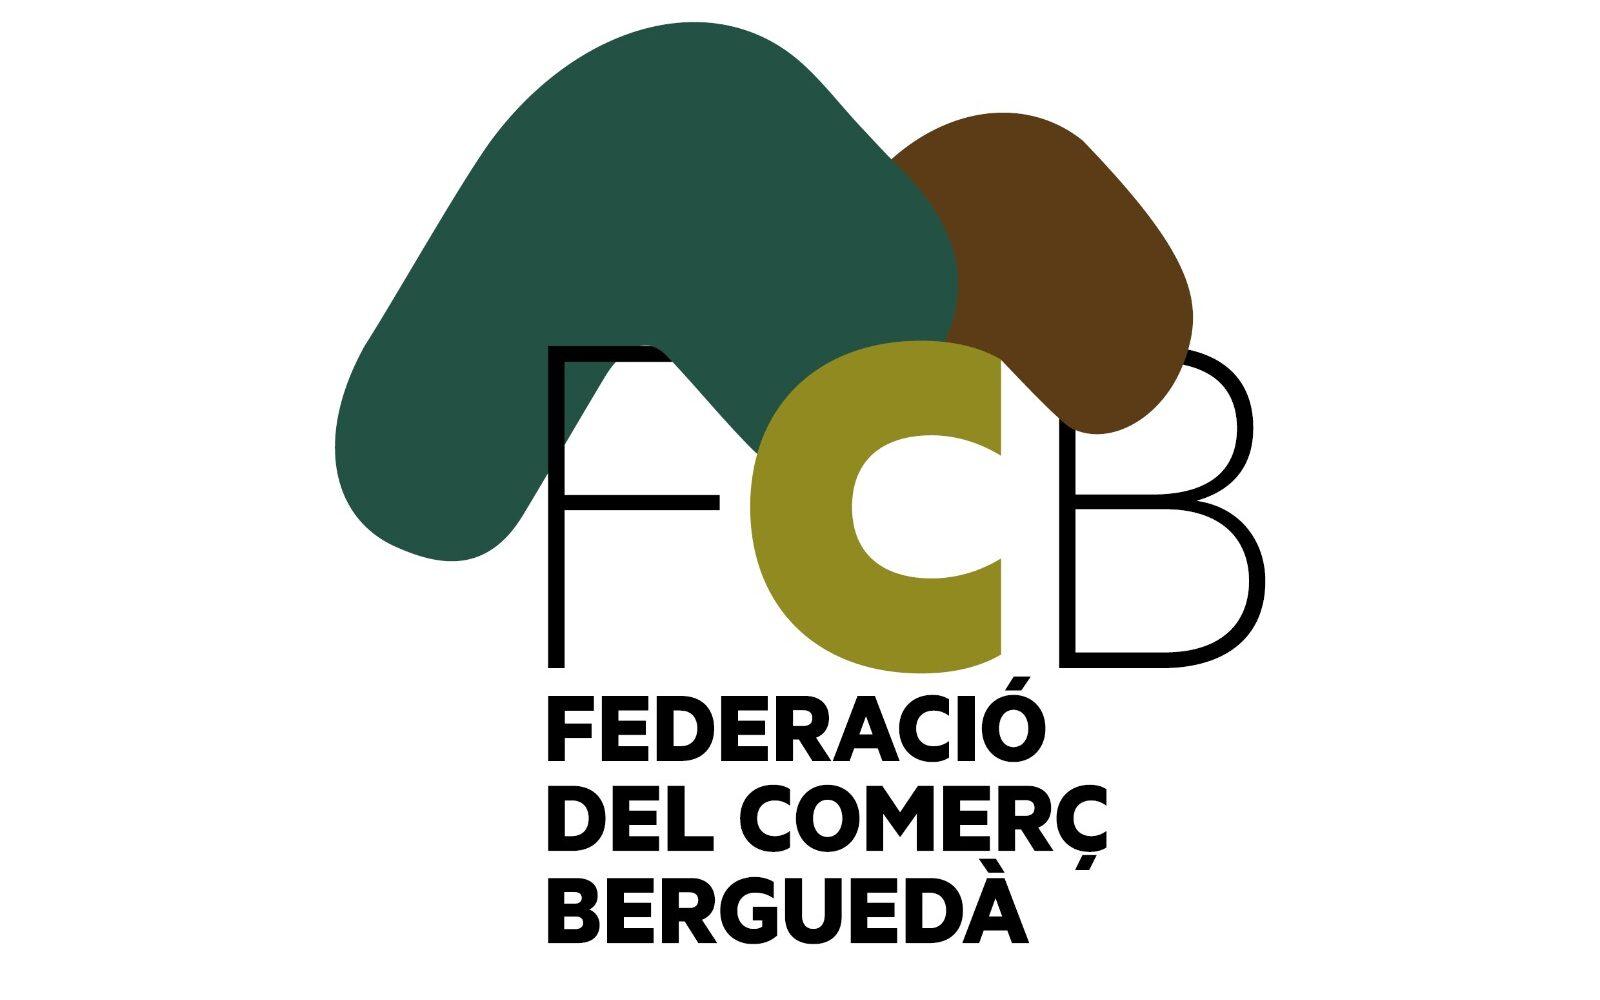 Federacio comerç Bergueda